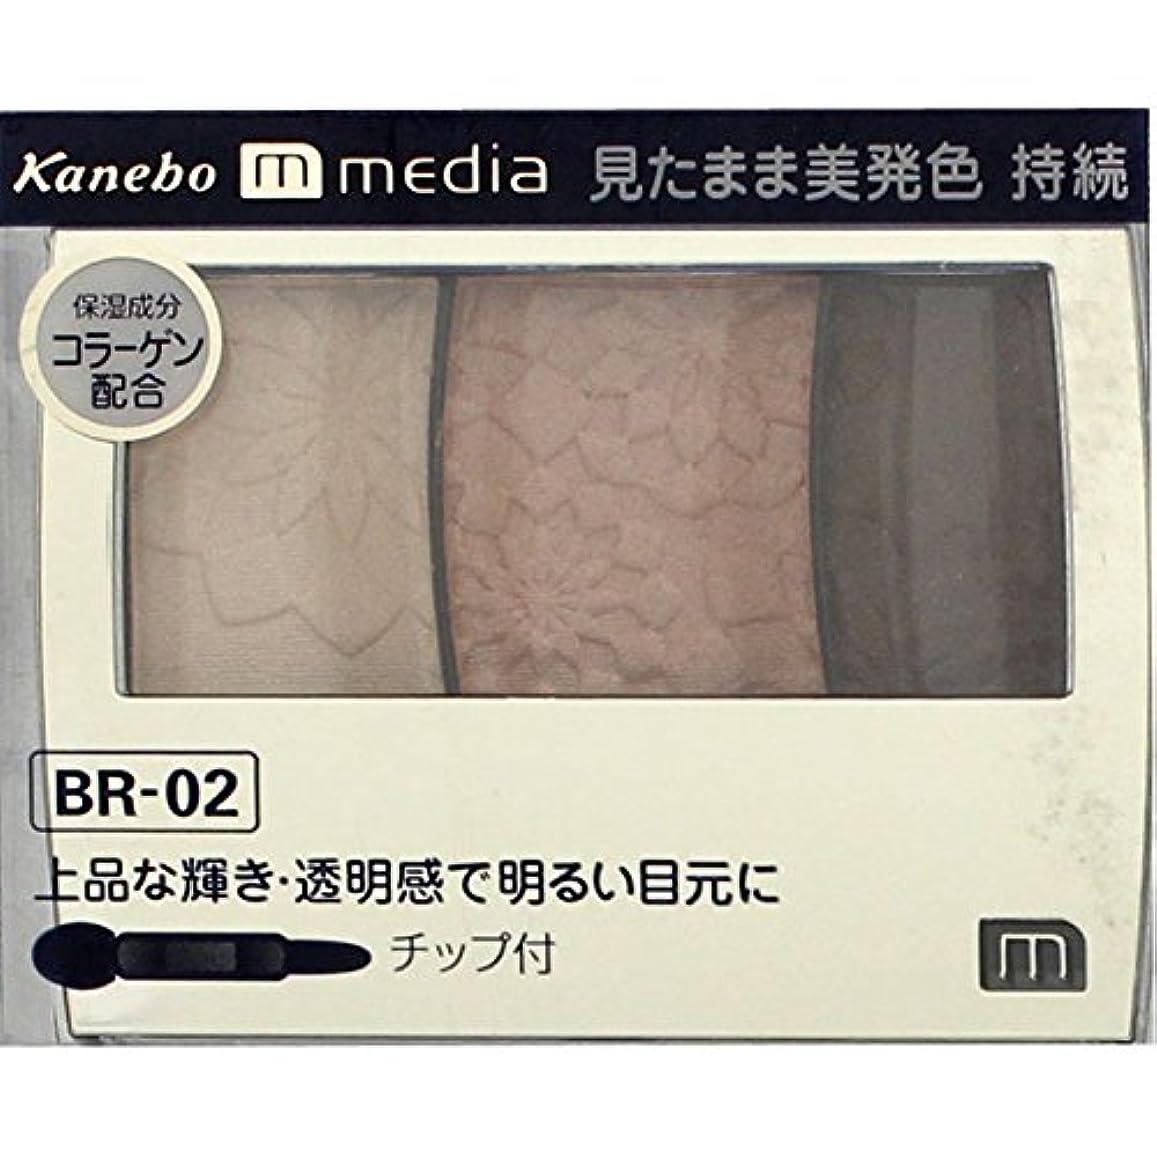 刈るオーディション争う【カネボウ】 メディア グラデカラーアイシャドウ BR-02